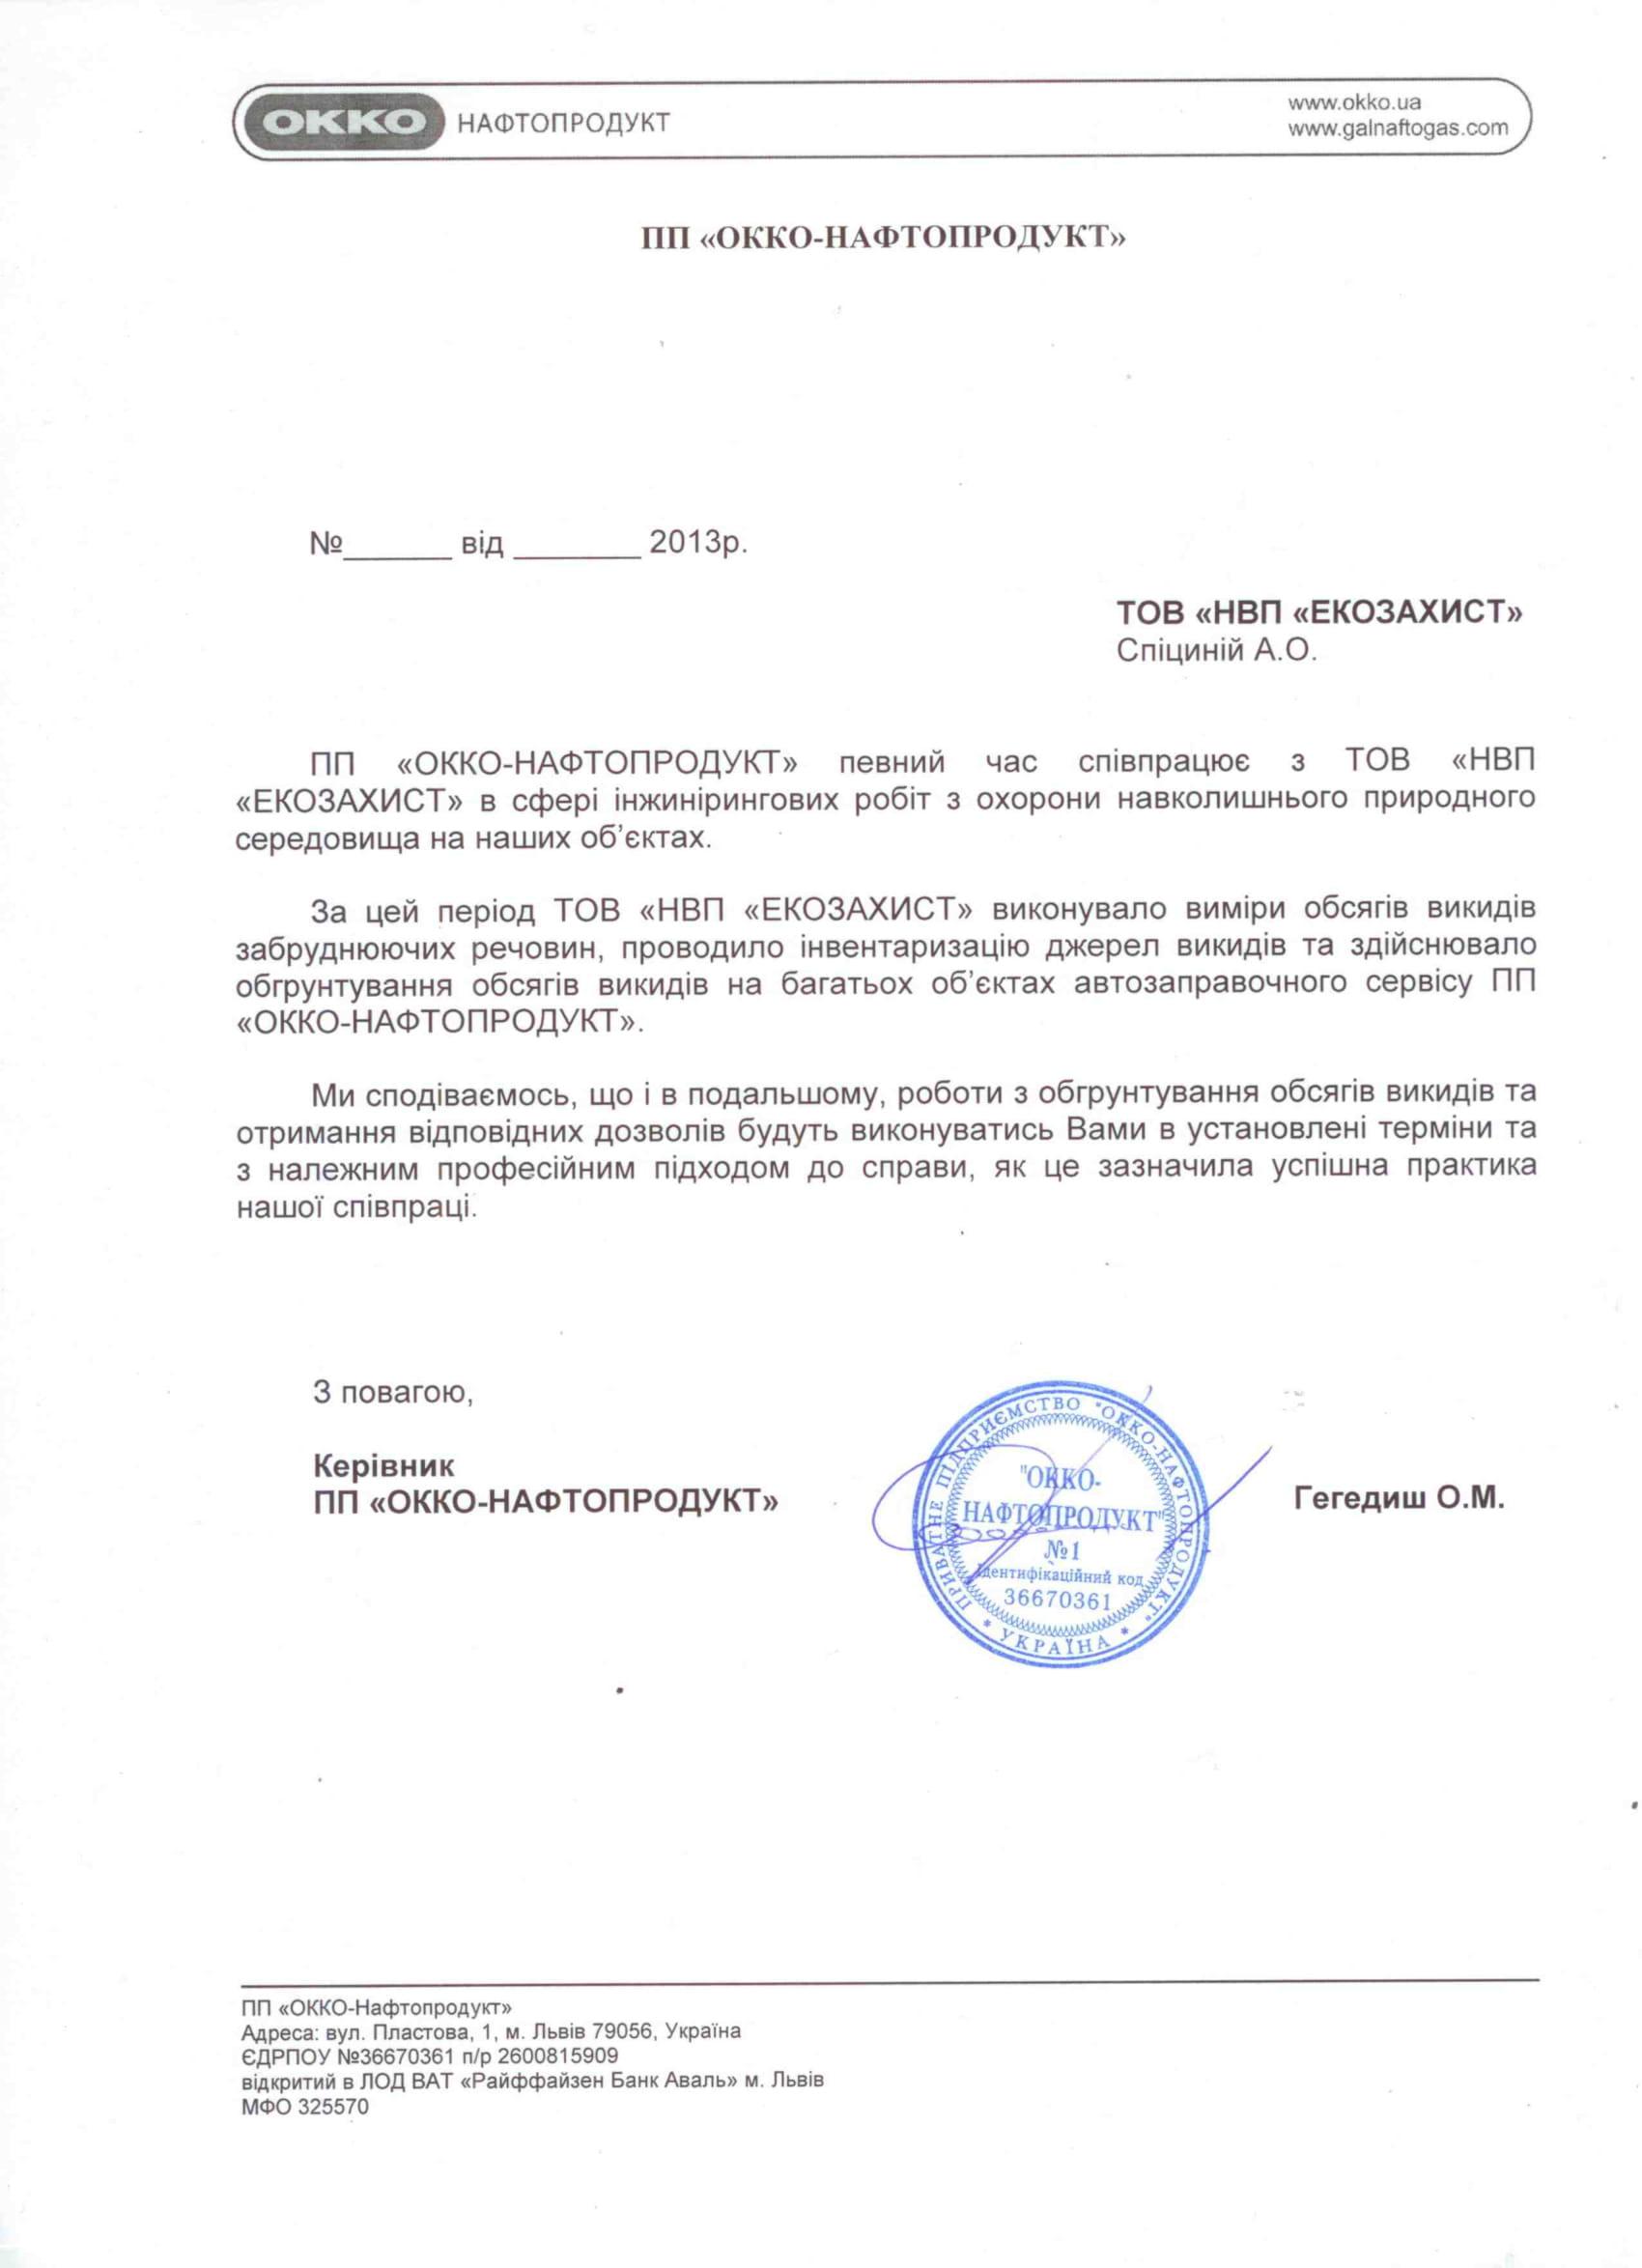 """Керівник ПП """"ОККО-НАФТОПРОДУКТ"""" – Гегедиш О.М."""